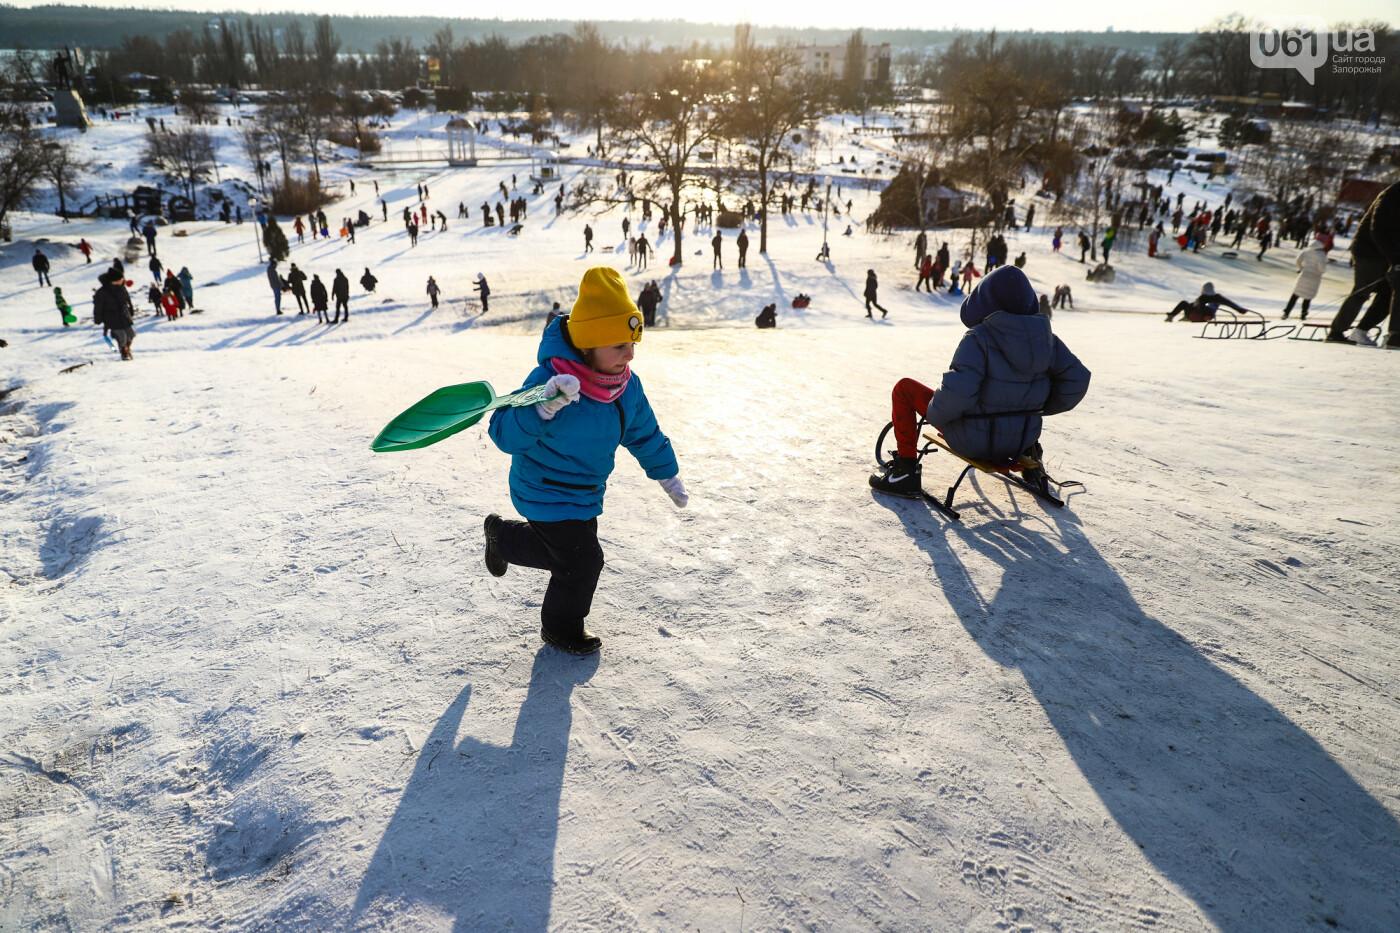 На санках, лыжах и сноуборде: запорожцы устроили массовое катание с горок в Вознесеновском парке, - ФОТОРЕПОРТАЖ, фото-19